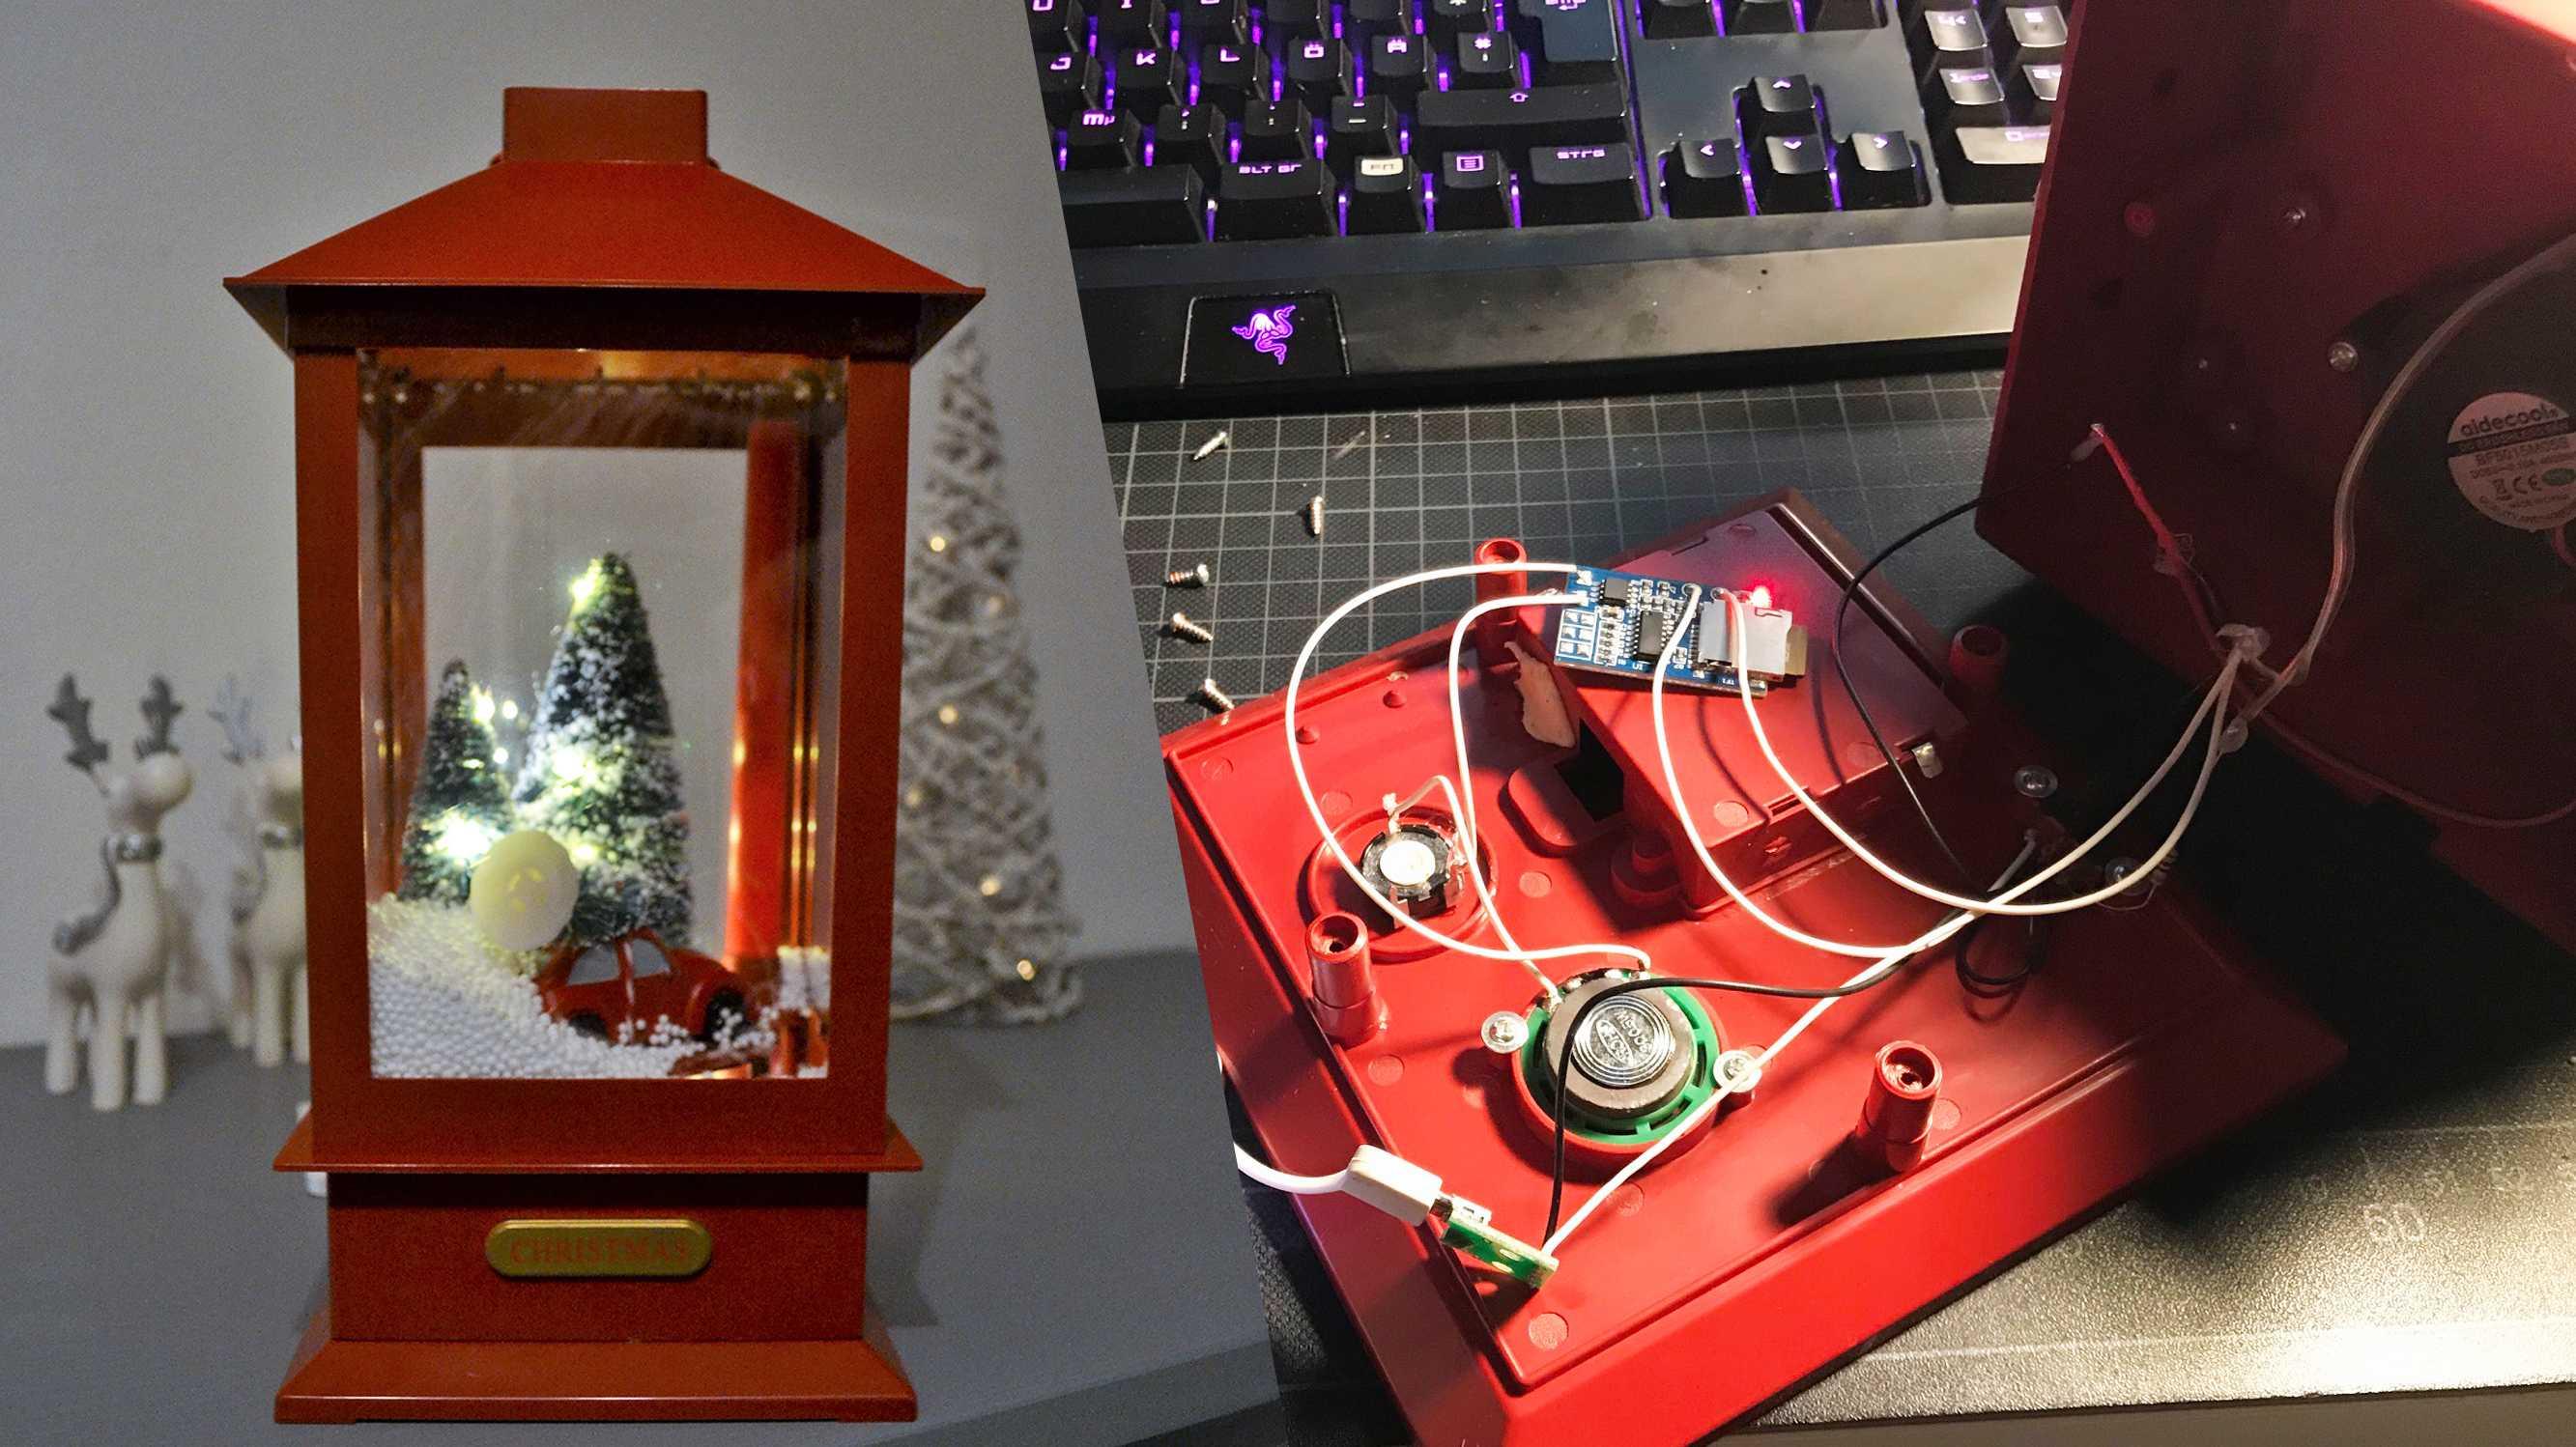 Collage aus einer Laterne und einem roten Laternenfuß mit Elektronik